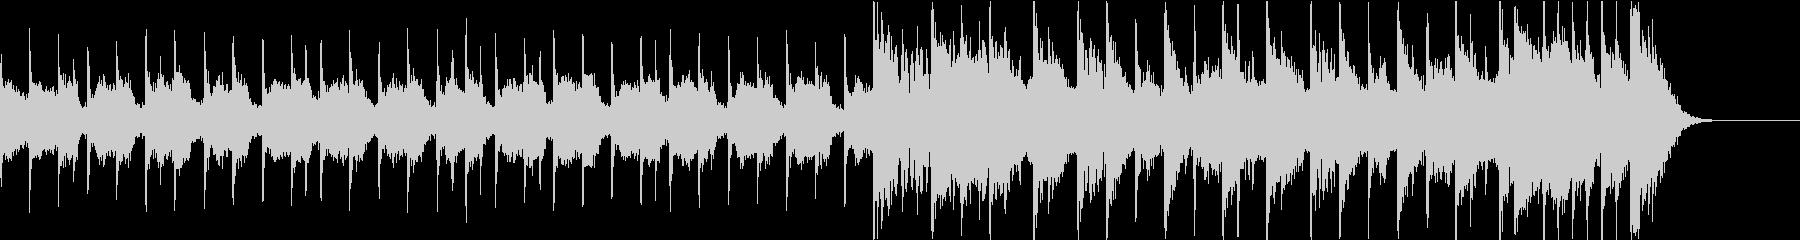 ロックとポップスを組み合わせたBGMの未再生の波形